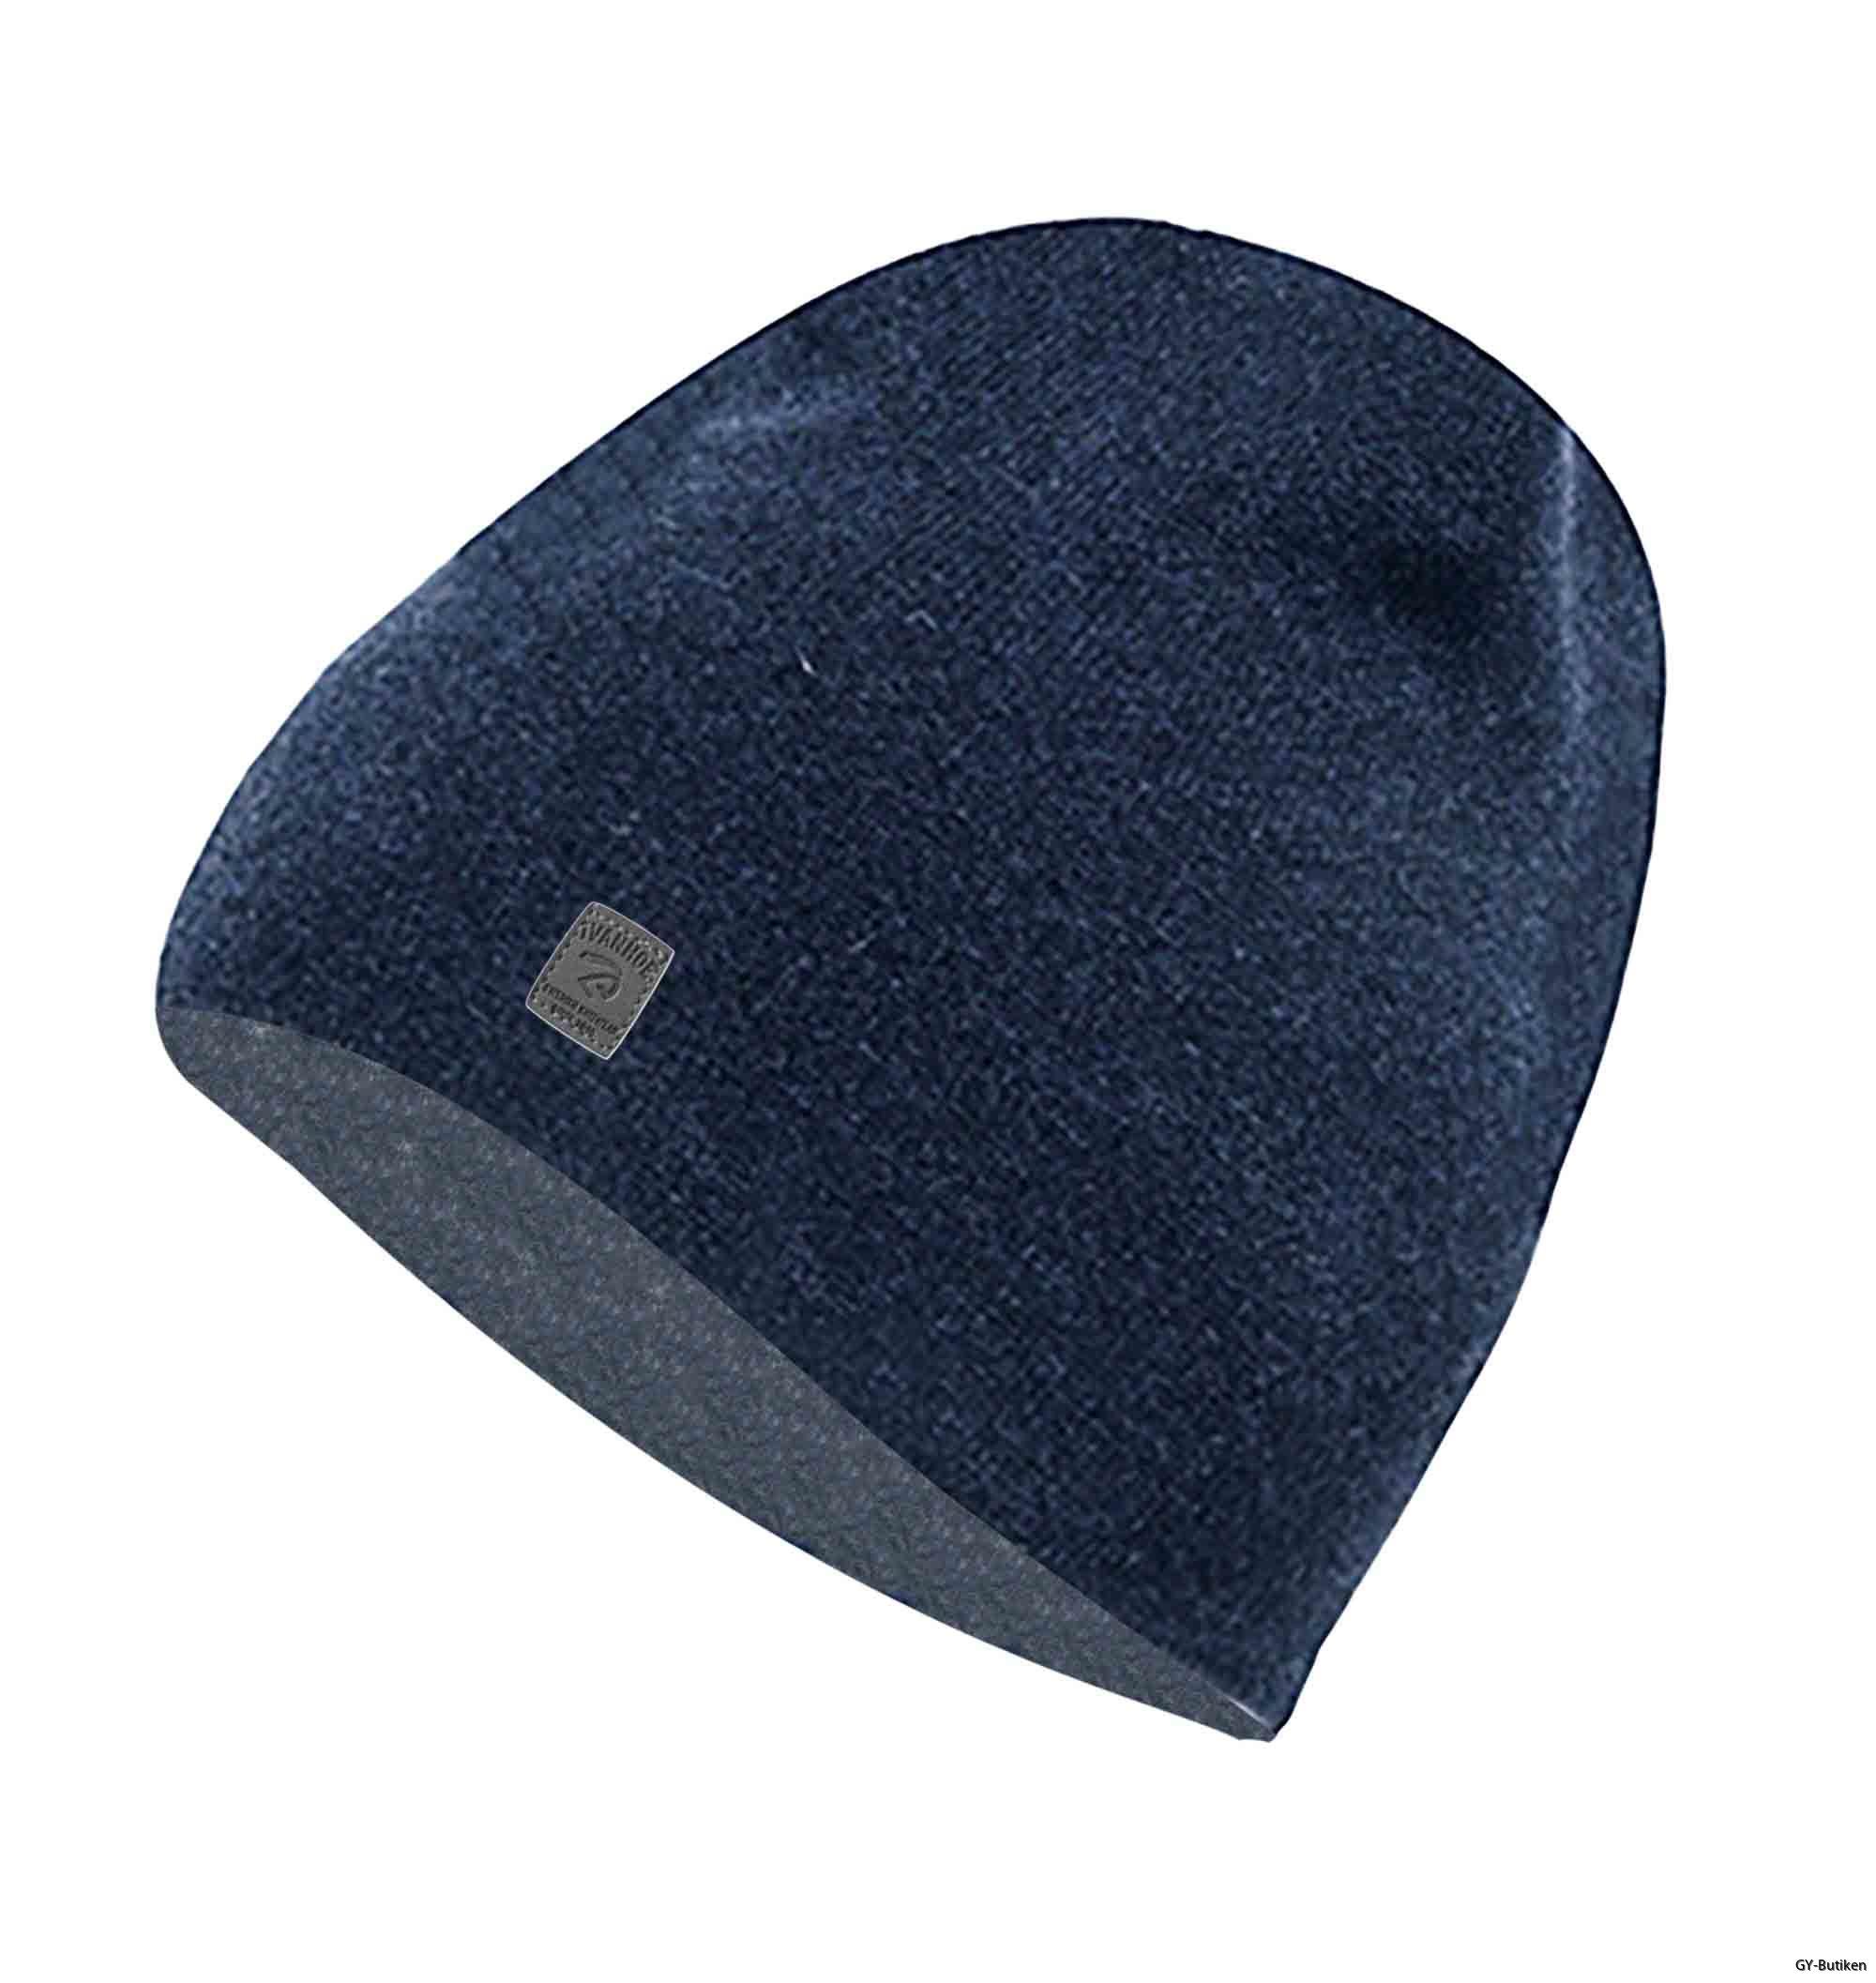 Rock_hat_002